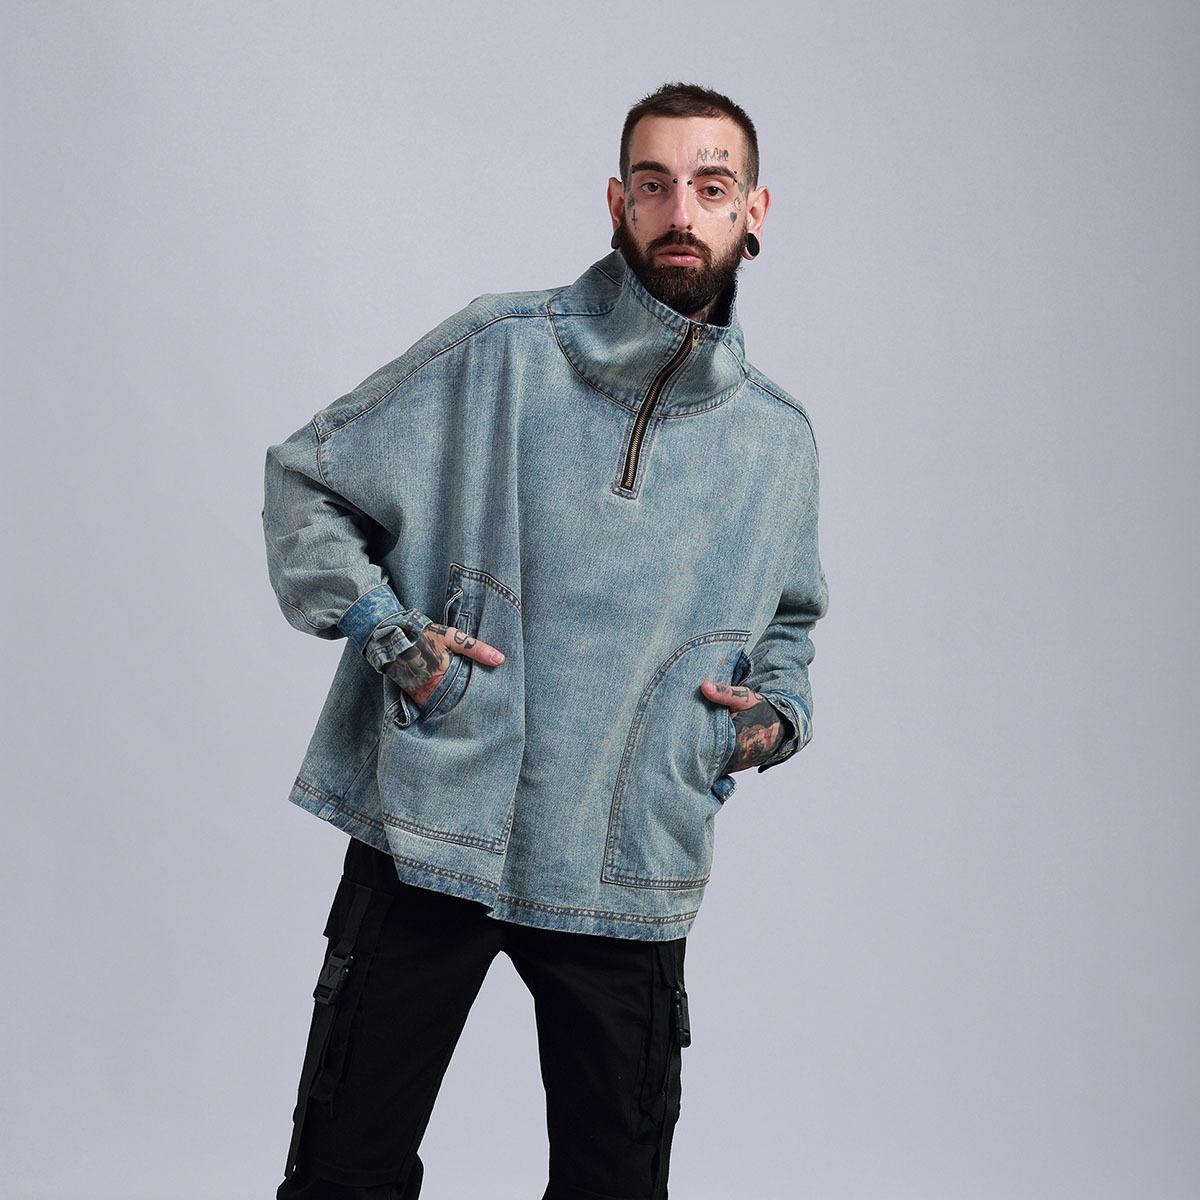 Конструктор мужские пальто Luxury Denim Jacket Новый бренд мужская куртка Негабаритные с молнией Водолазка Мода Повседневная Стиль Размер M-XL оптовых продаж